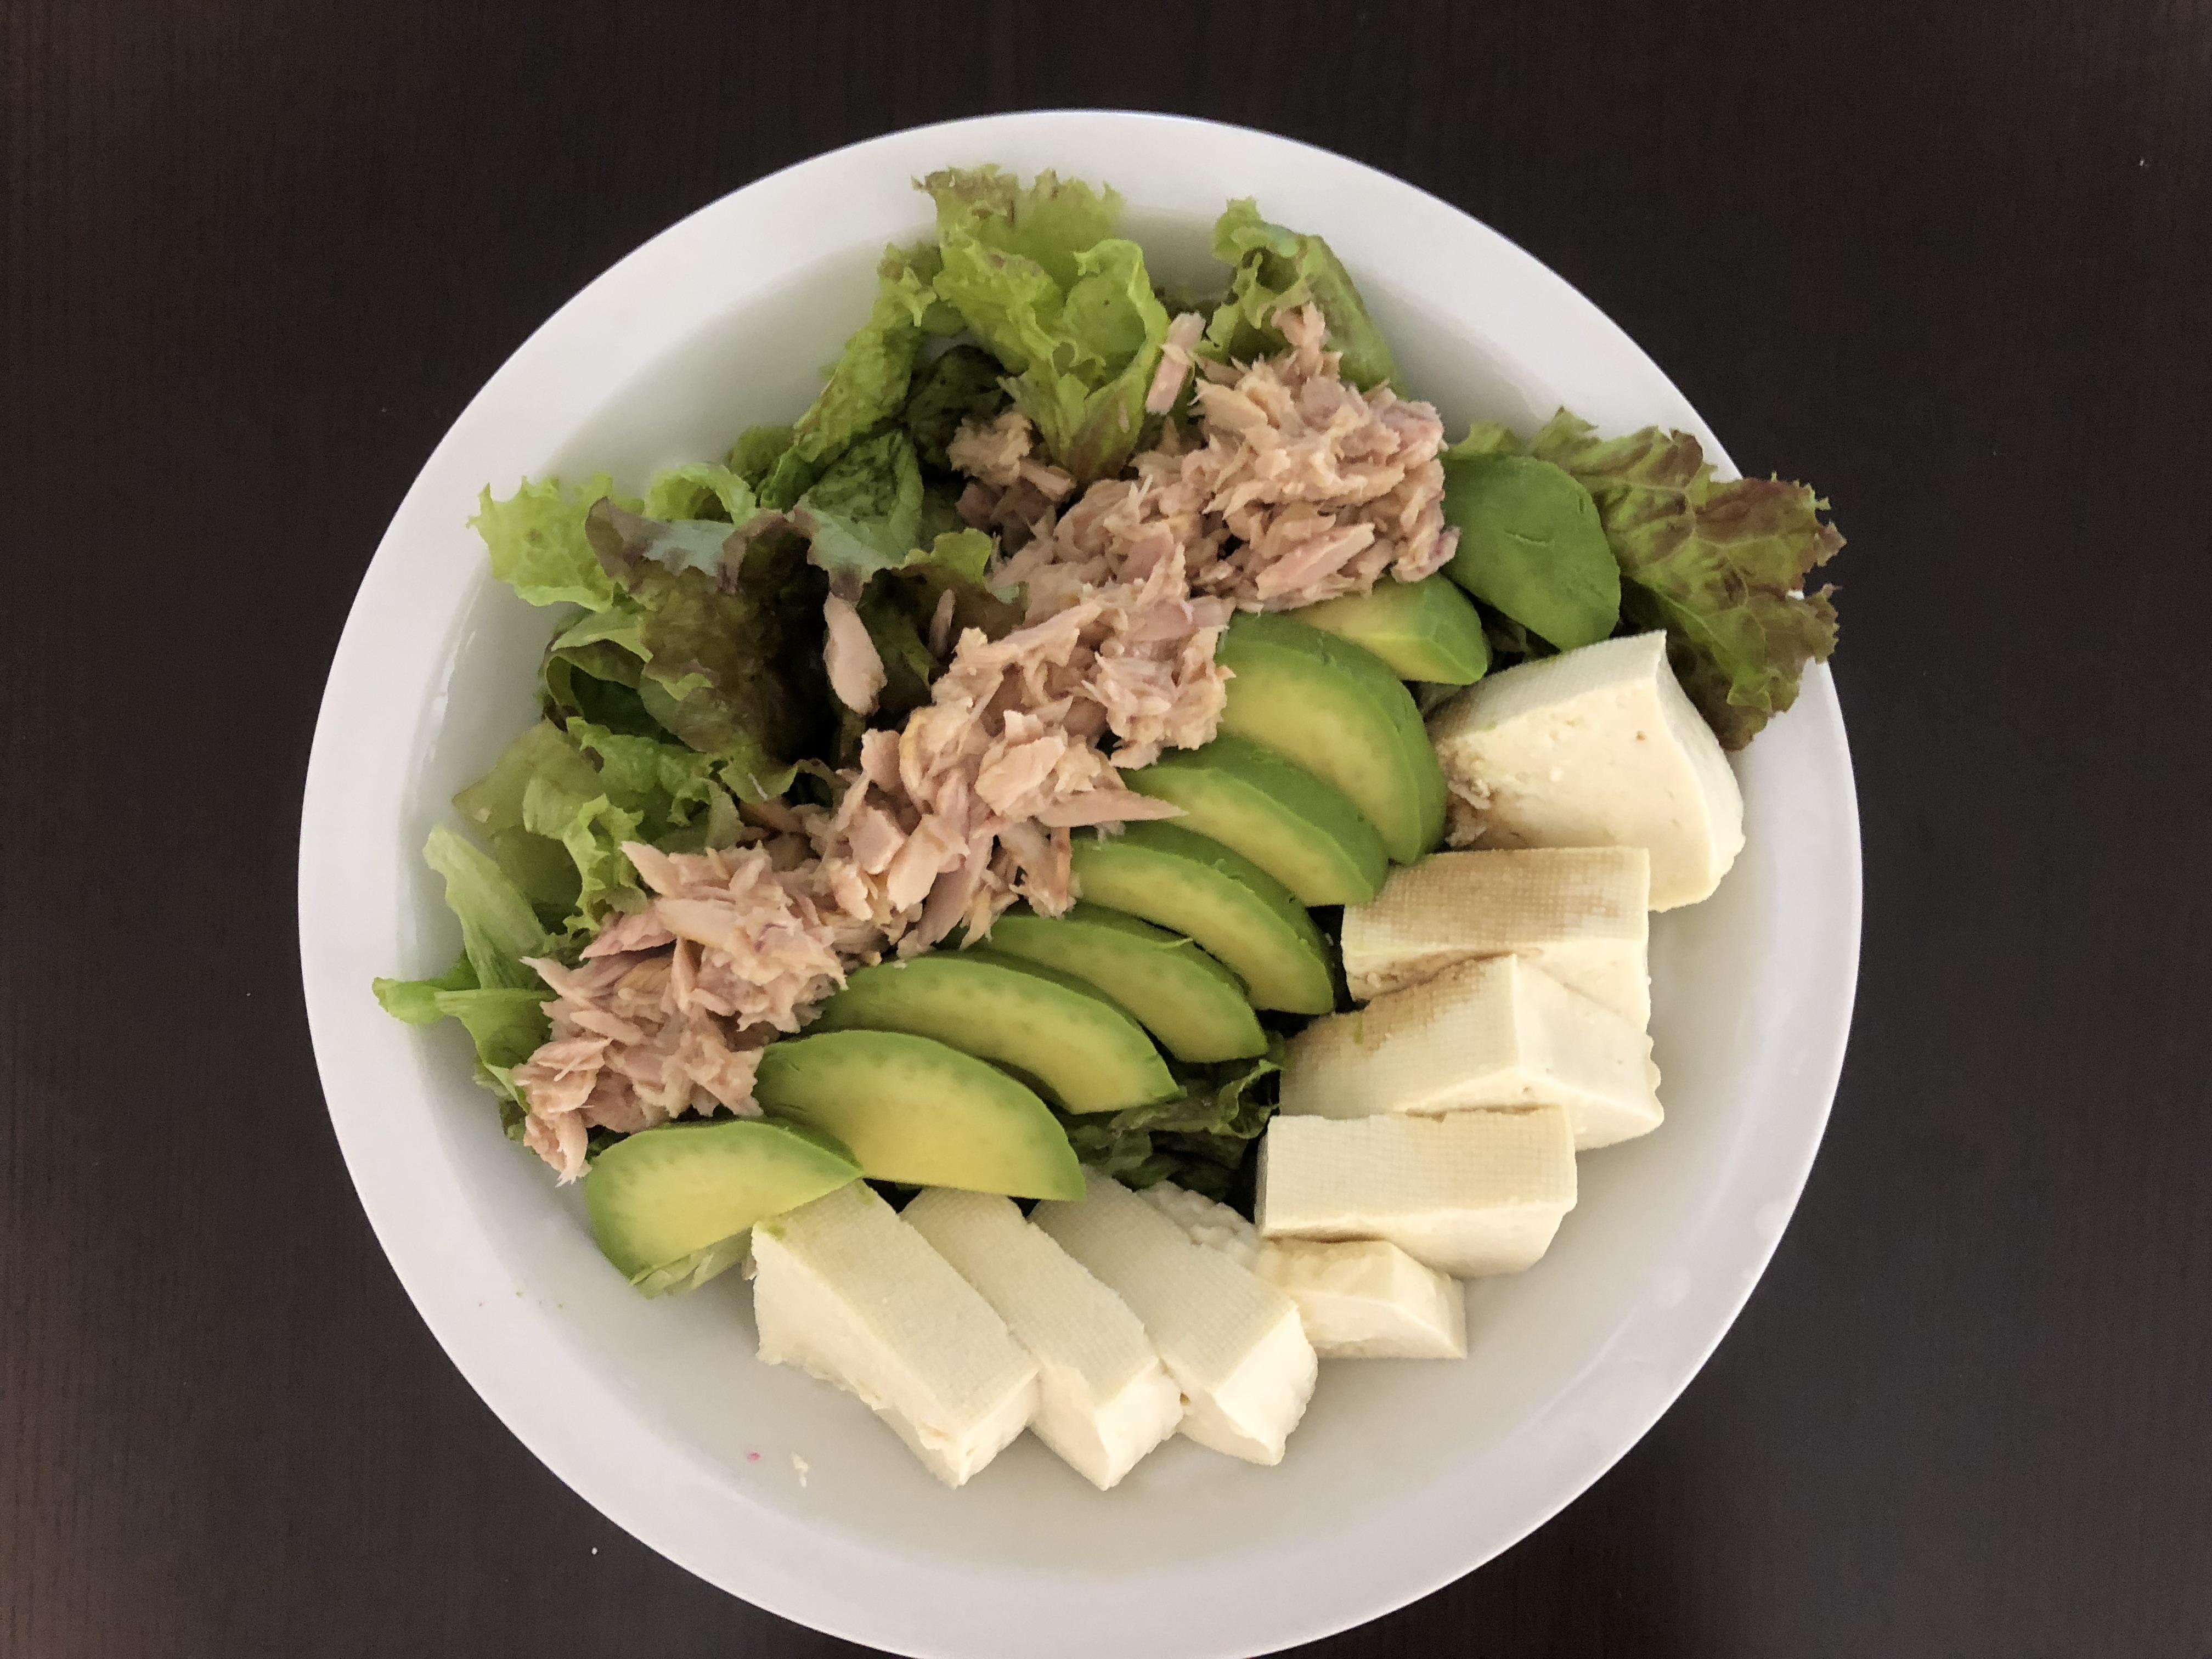 【たんぱく質を摂るサラダ】ダイエット中におすすめ